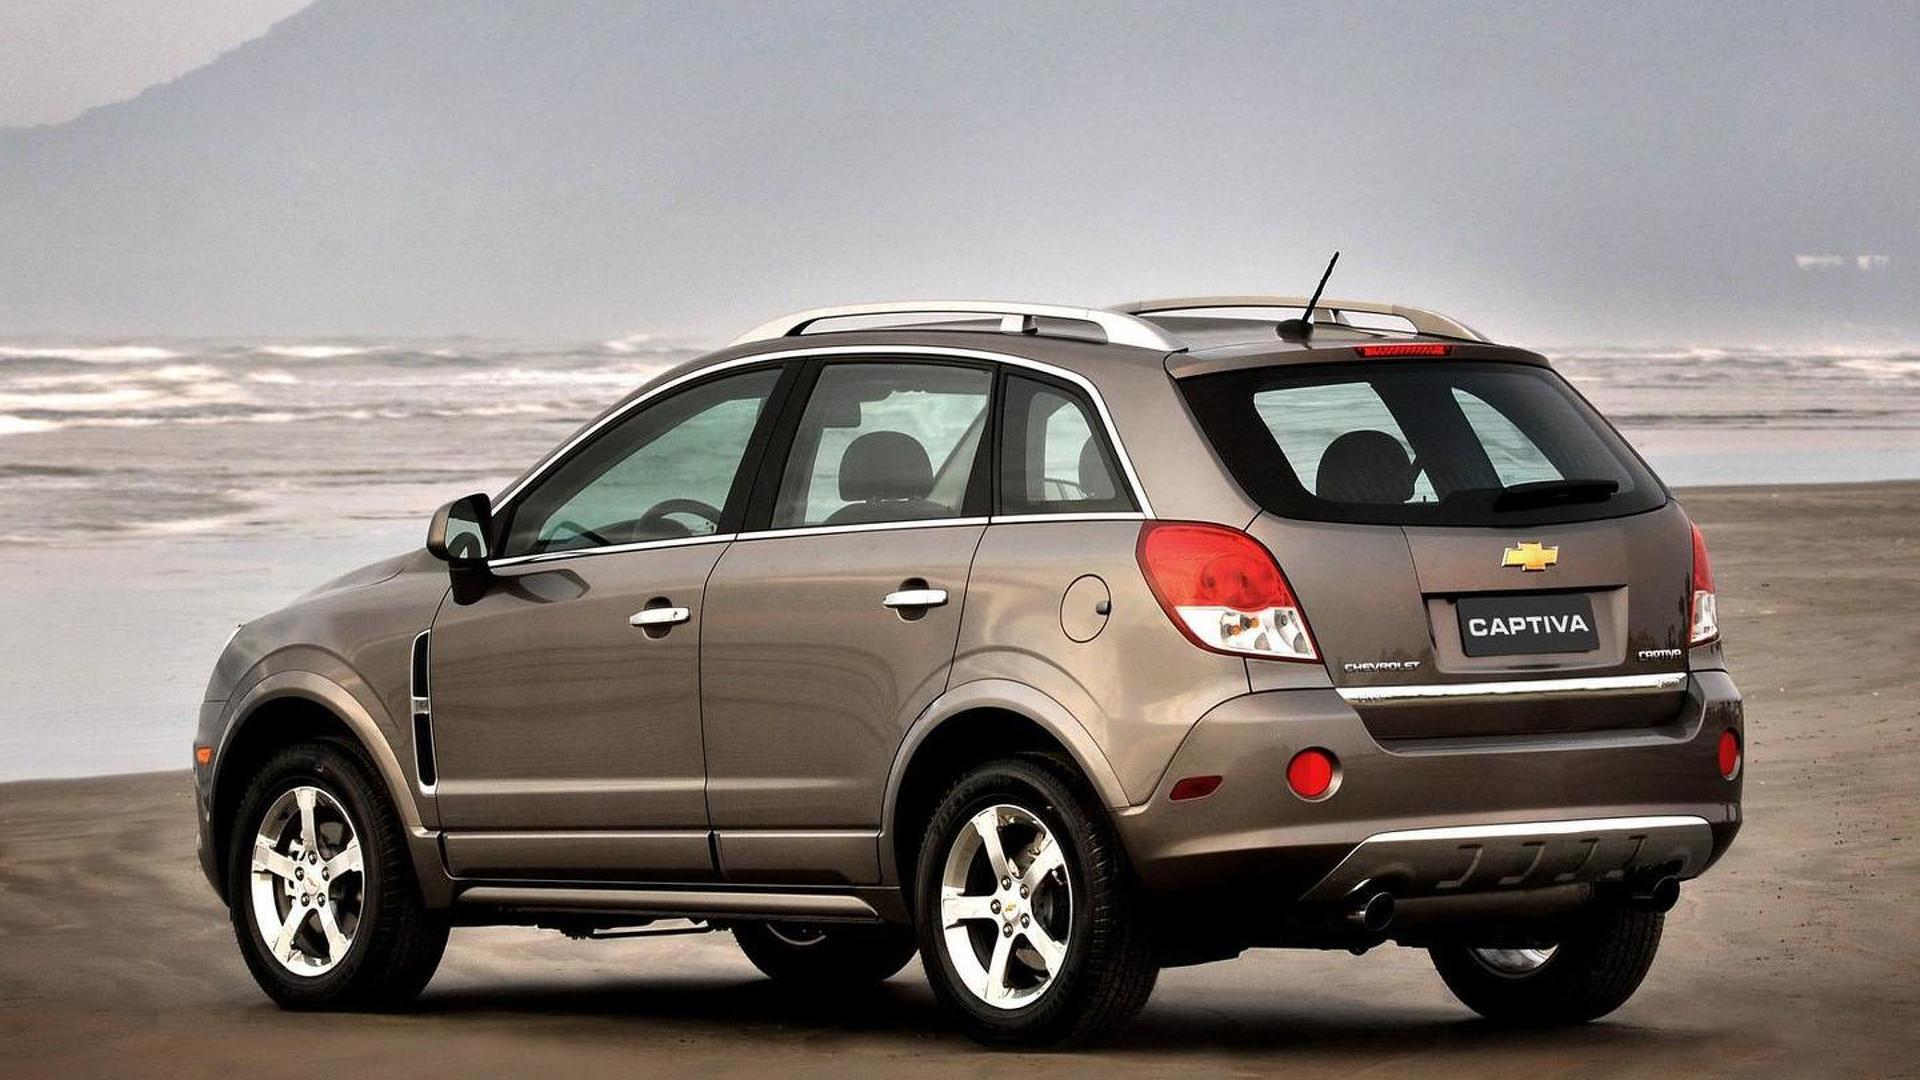 Kelebihan Kekurangan Chevrolet Captiva 2012 Review